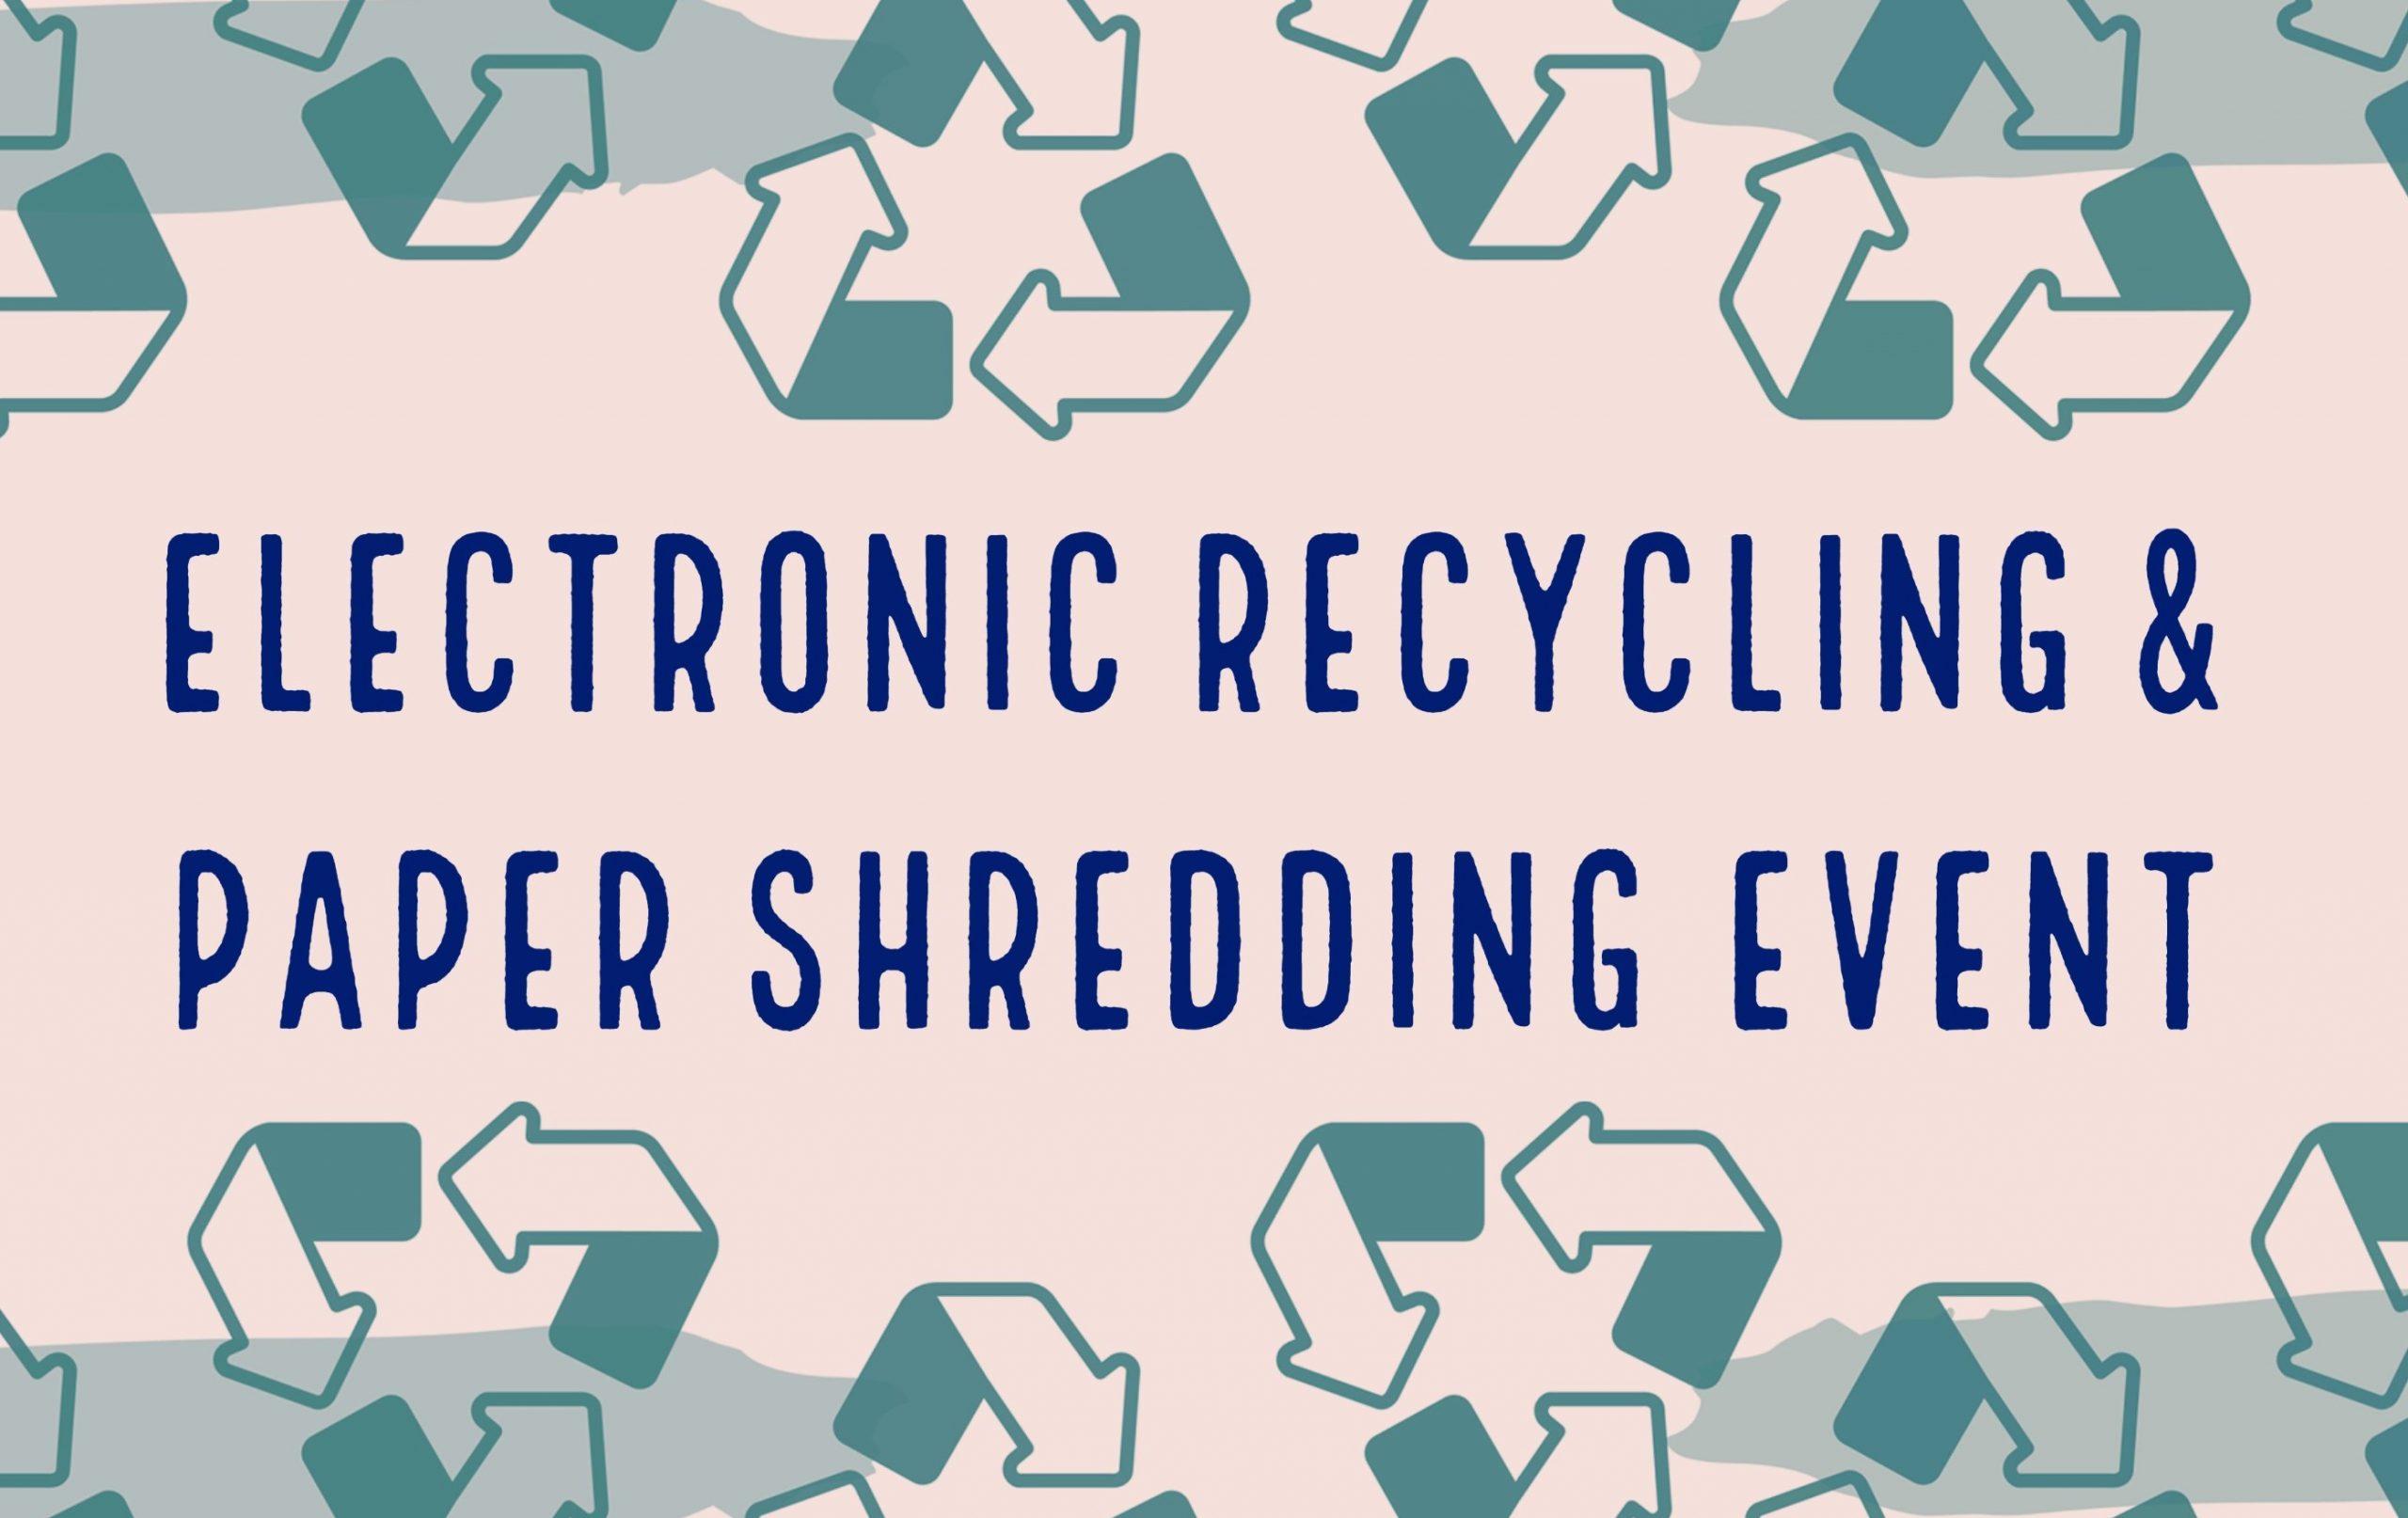 recycleevent